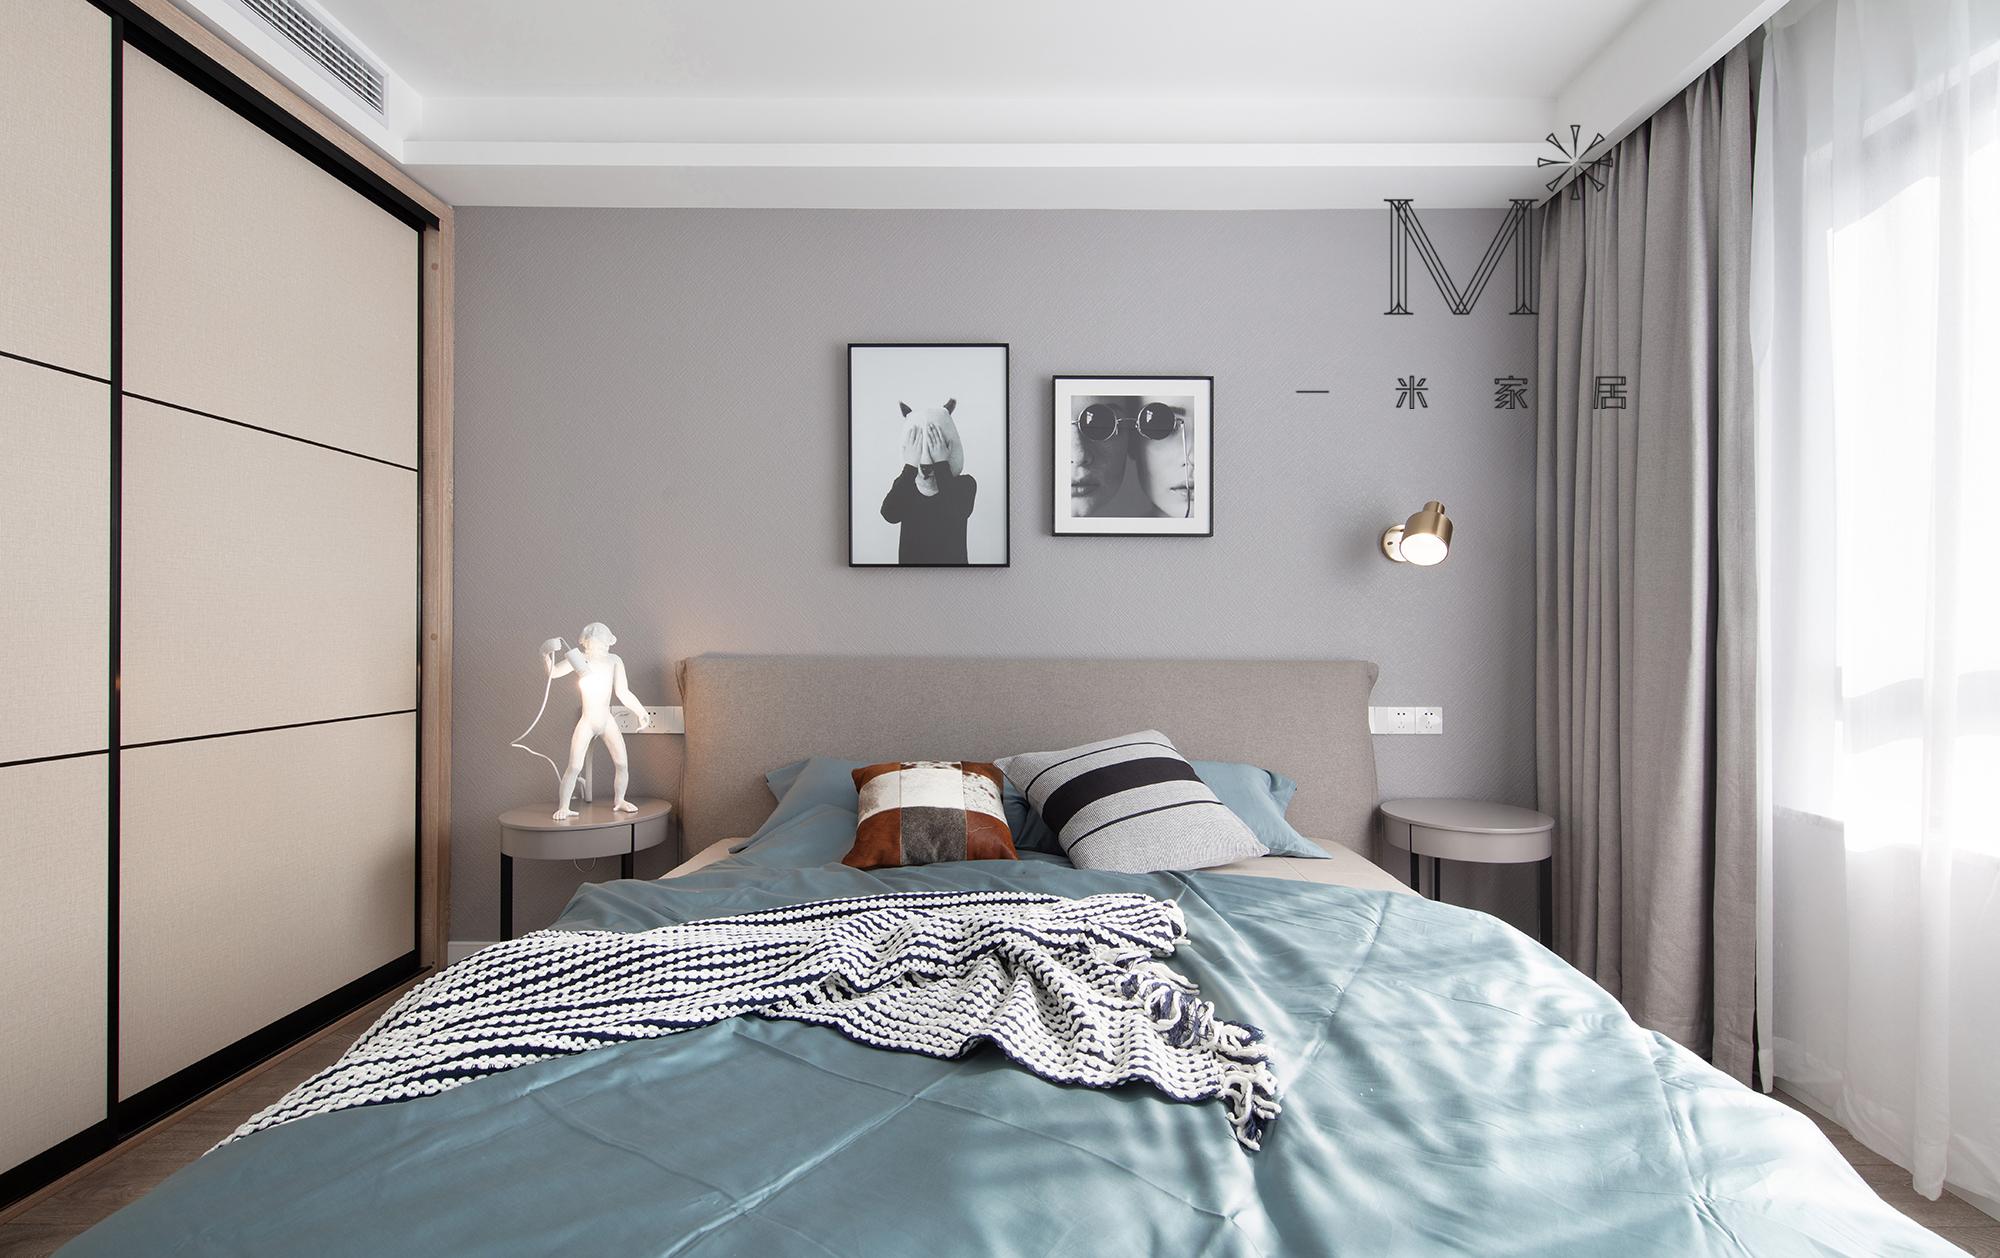 105㎡现代北欧主卧设计图卧室现代简约卧室设计图片赏析